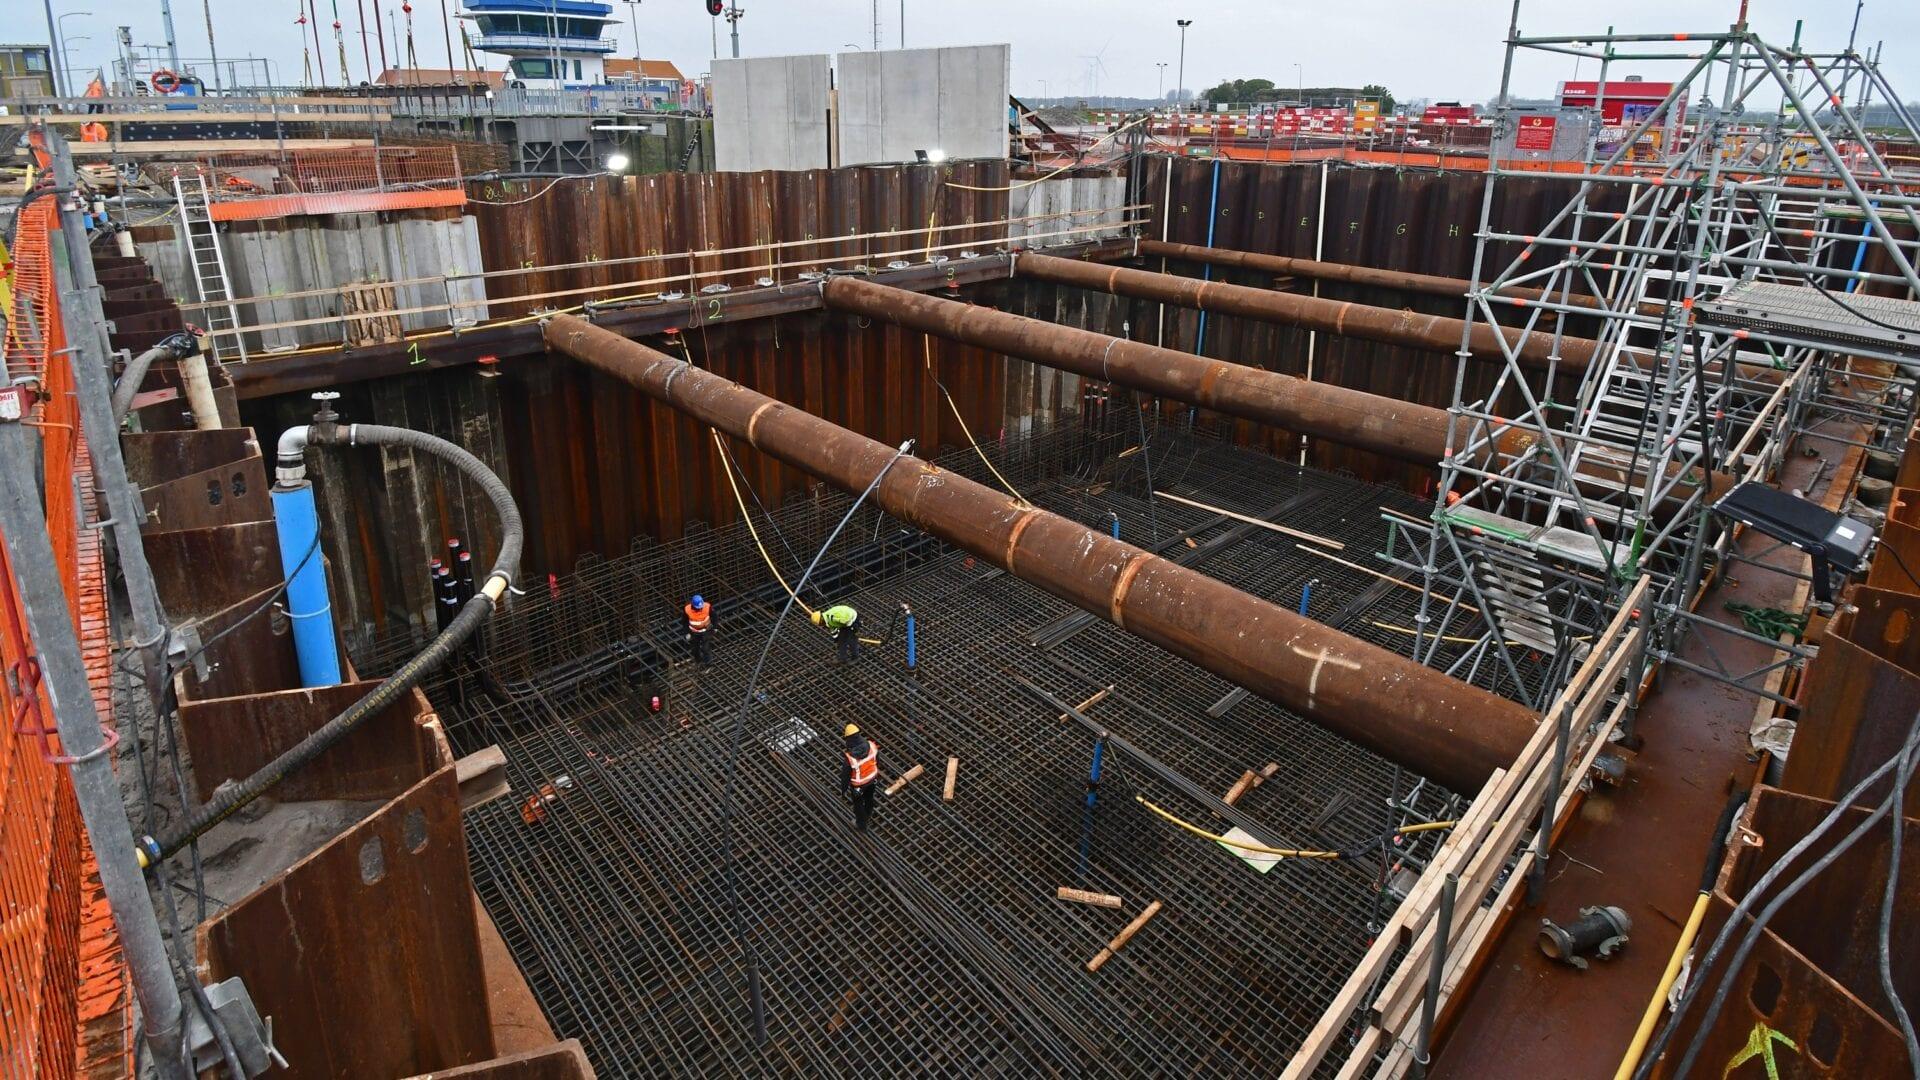 Keersluis Den Oever; voor de opbouw van de constructievloer van ca. 2 meter dikte hebben we 4 lagen onder- en 4 lagen wapening bovenin aangebracht. Op de achtergrond de betonnen wandelementen van de technische ruimten.